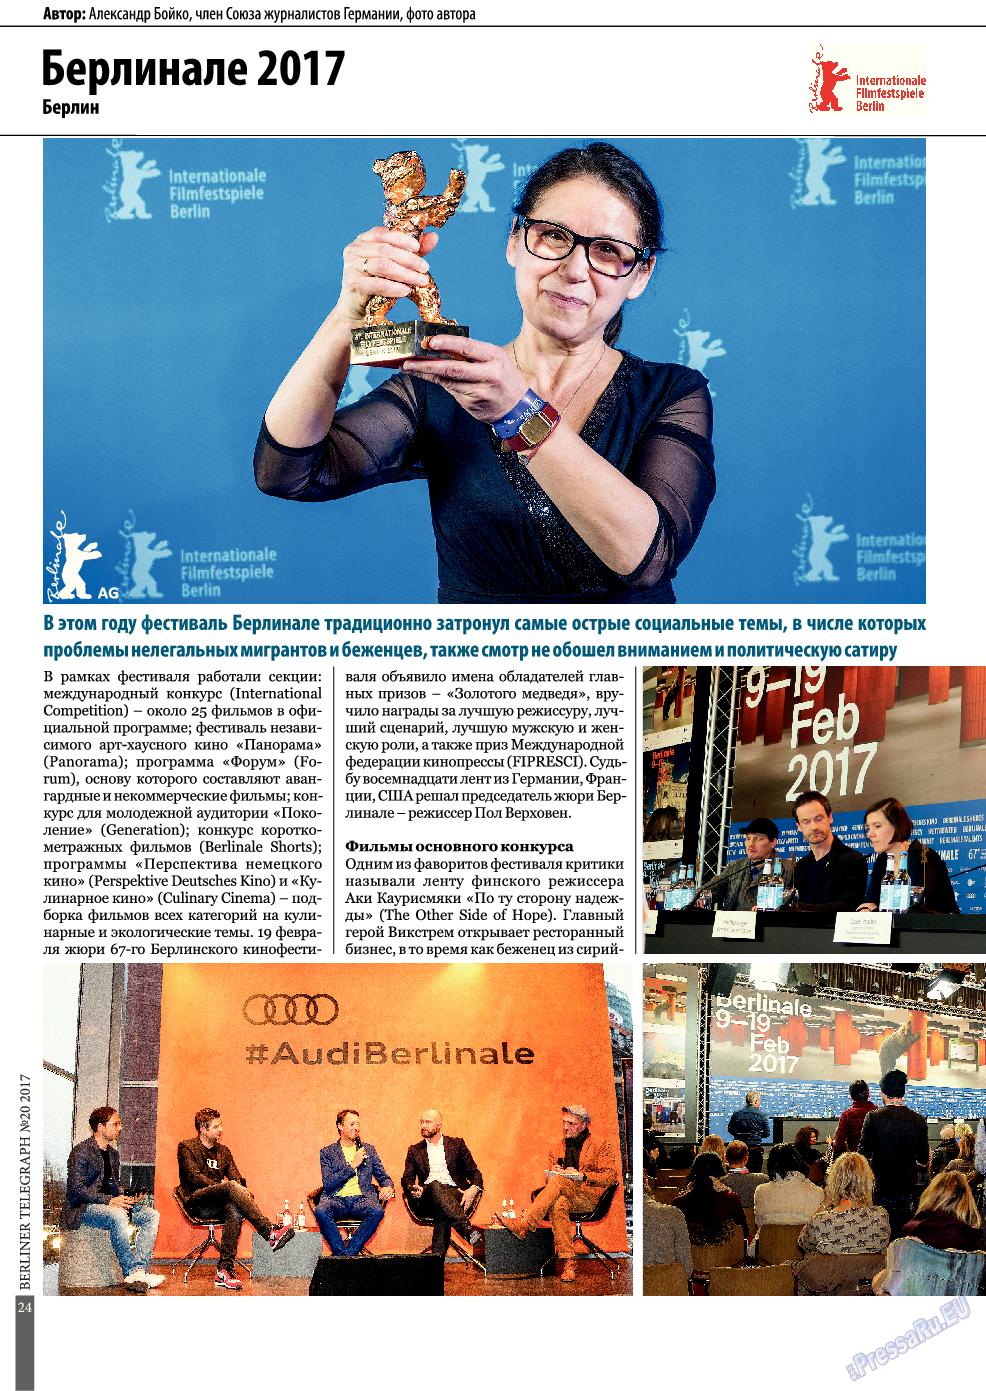 Берлинский телеграф (журнал). 2017 год, номер 20, стр. 24